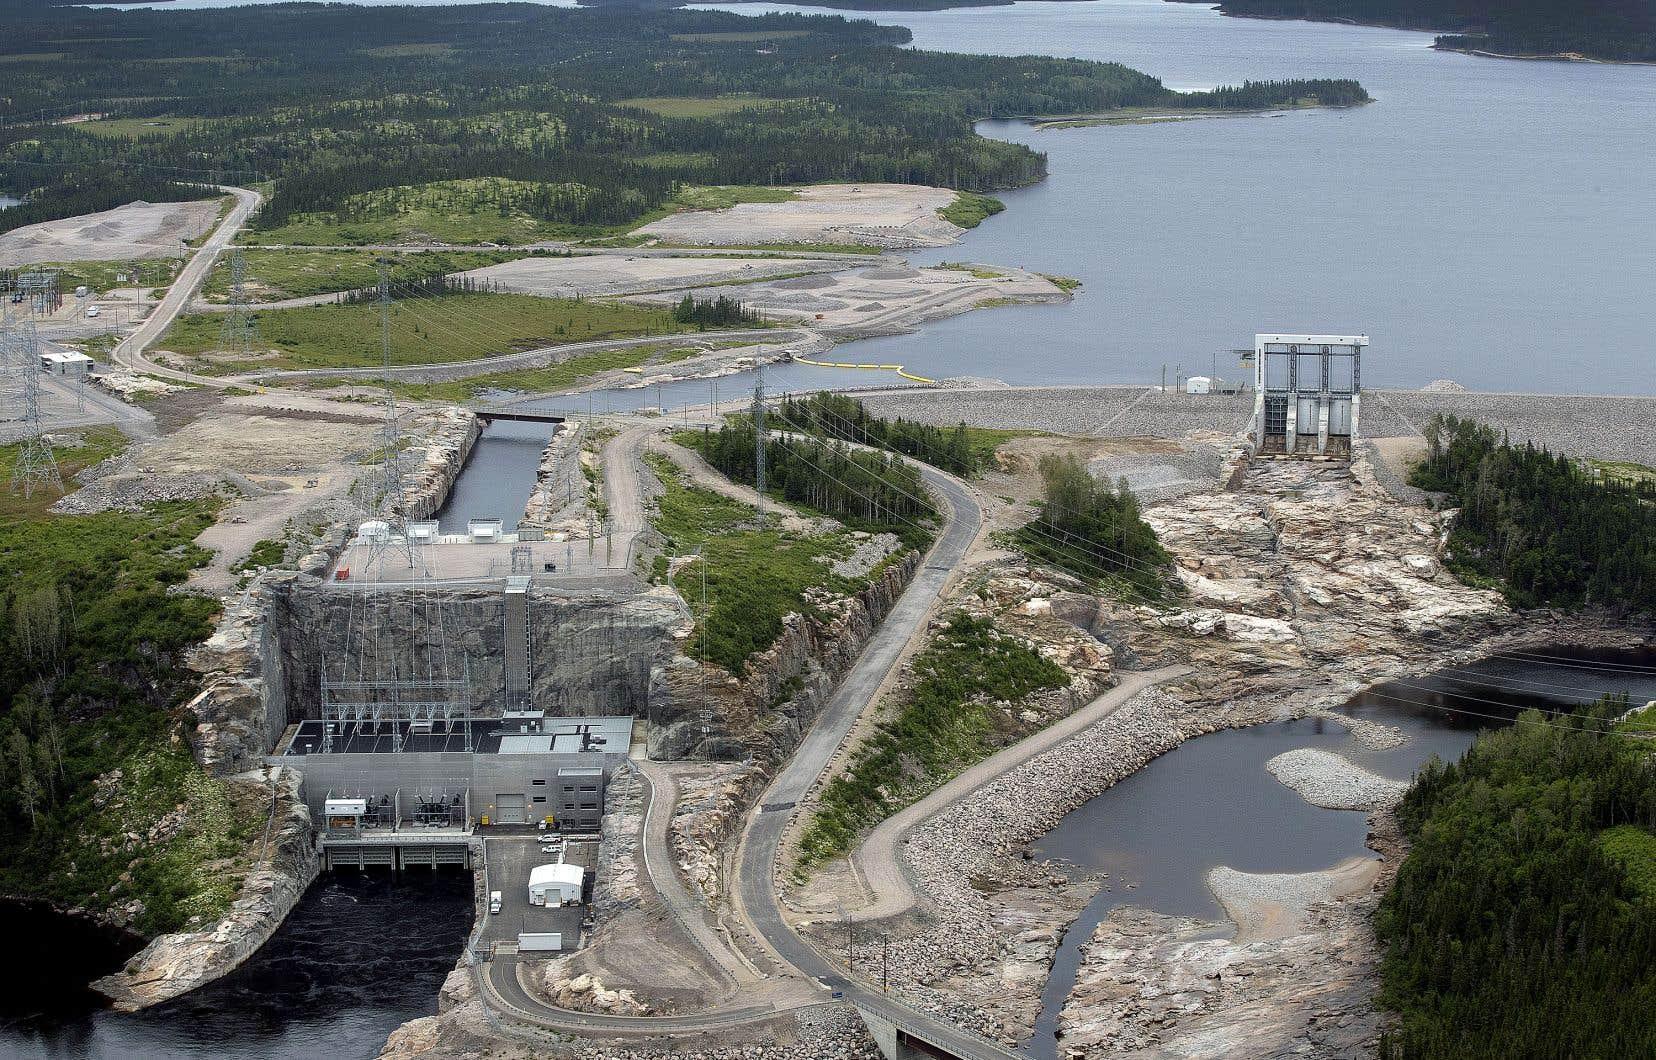 La construction du complexe hydroélectrique de la rivière Romaine, au coût de 6,5 milliards, a soulevé des doutes sur la rentabilité du projet pour Hydro-Québec. La Coalition avenir Québec promet de son côté de relancer la construction de grands barrages.